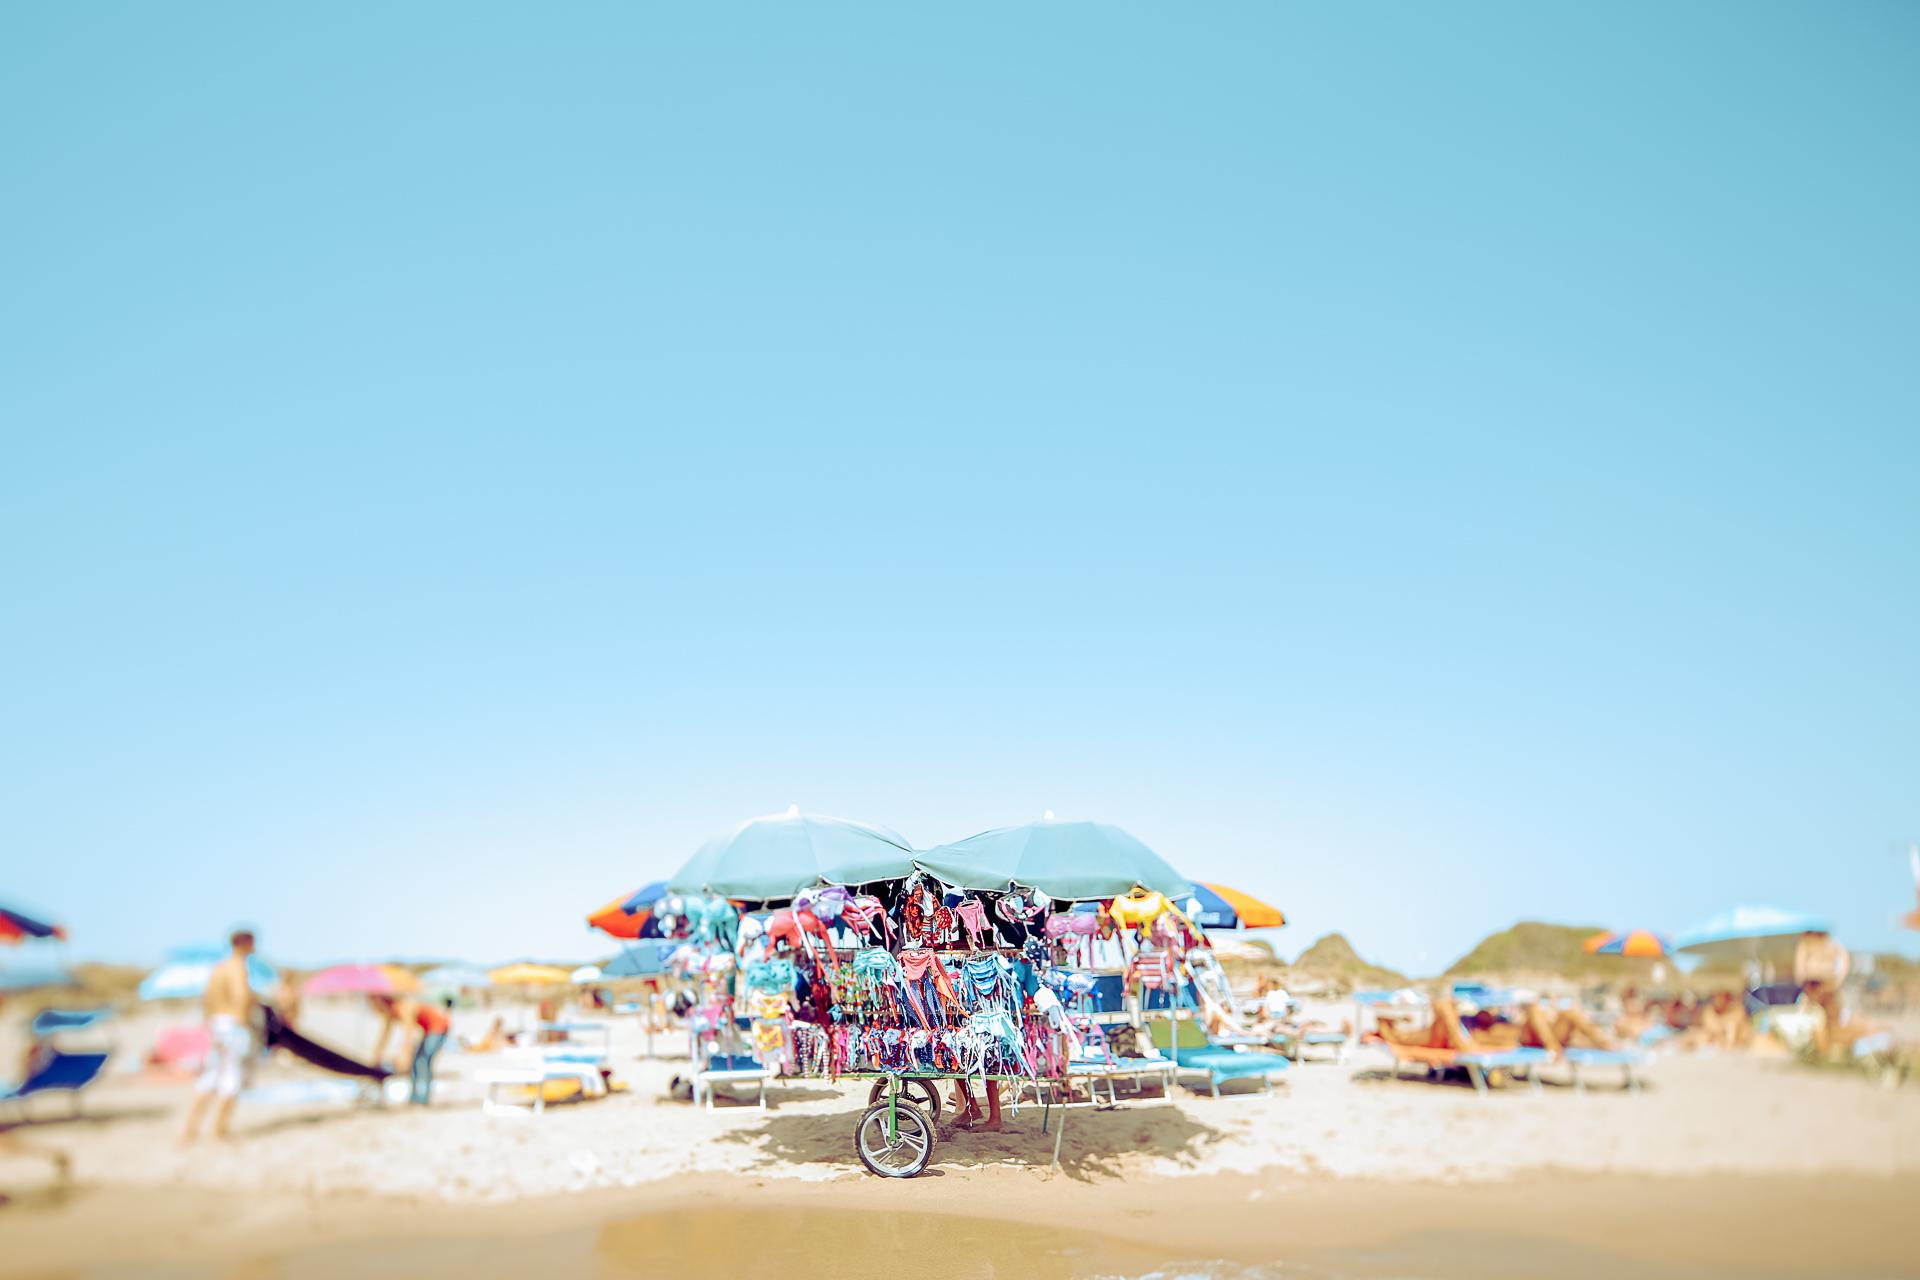 001. Daniele Cametti Aspri Lultima spiaggia Gelendzhik